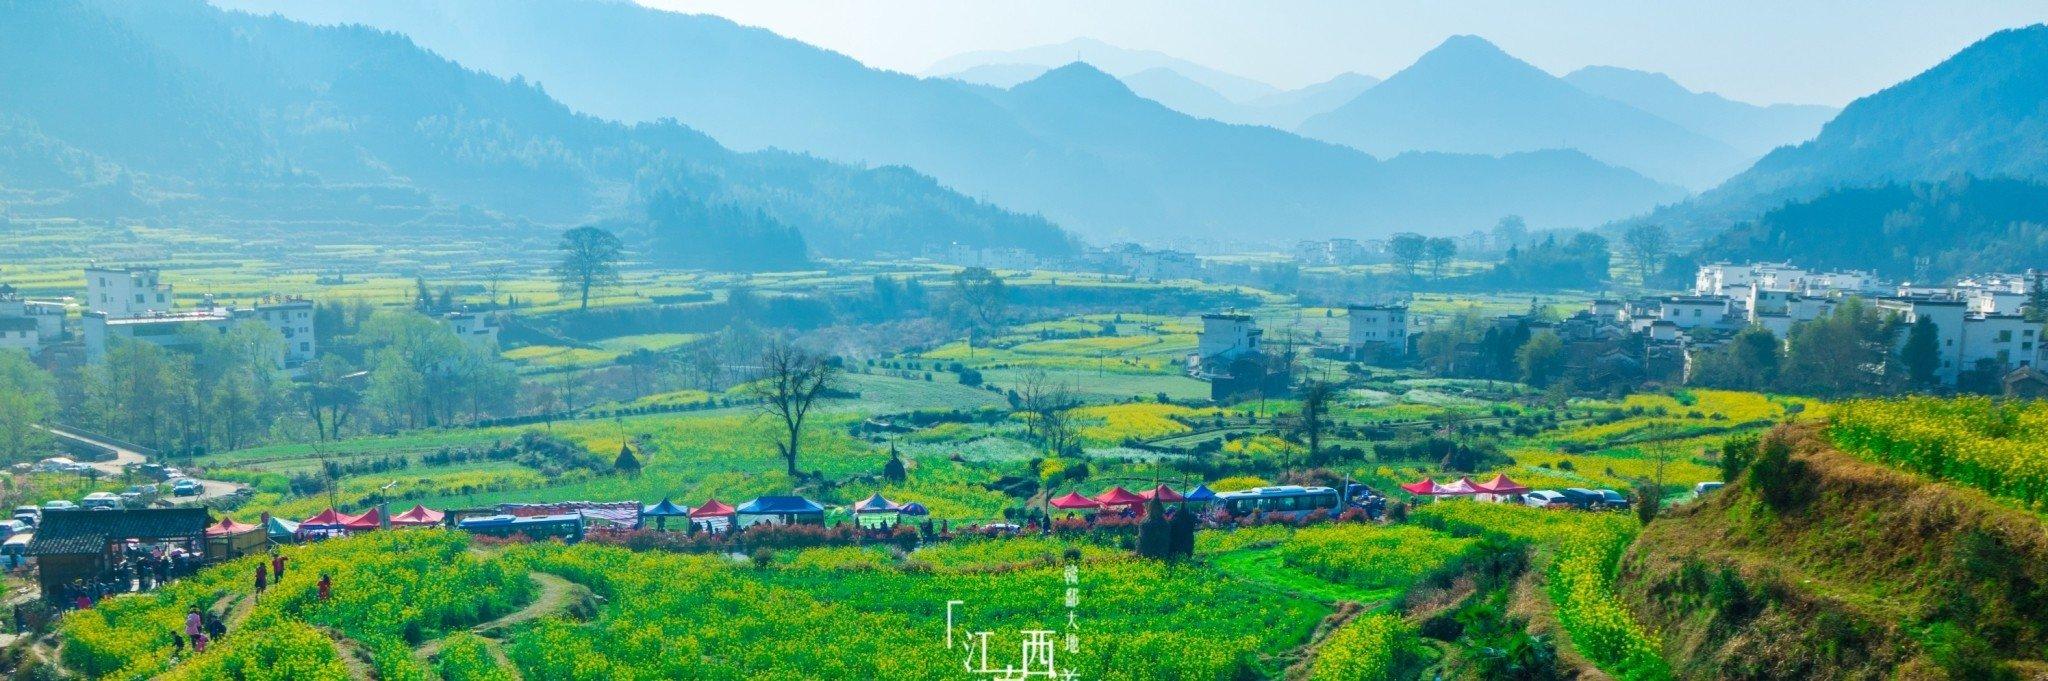 山色湖光,国宝江西